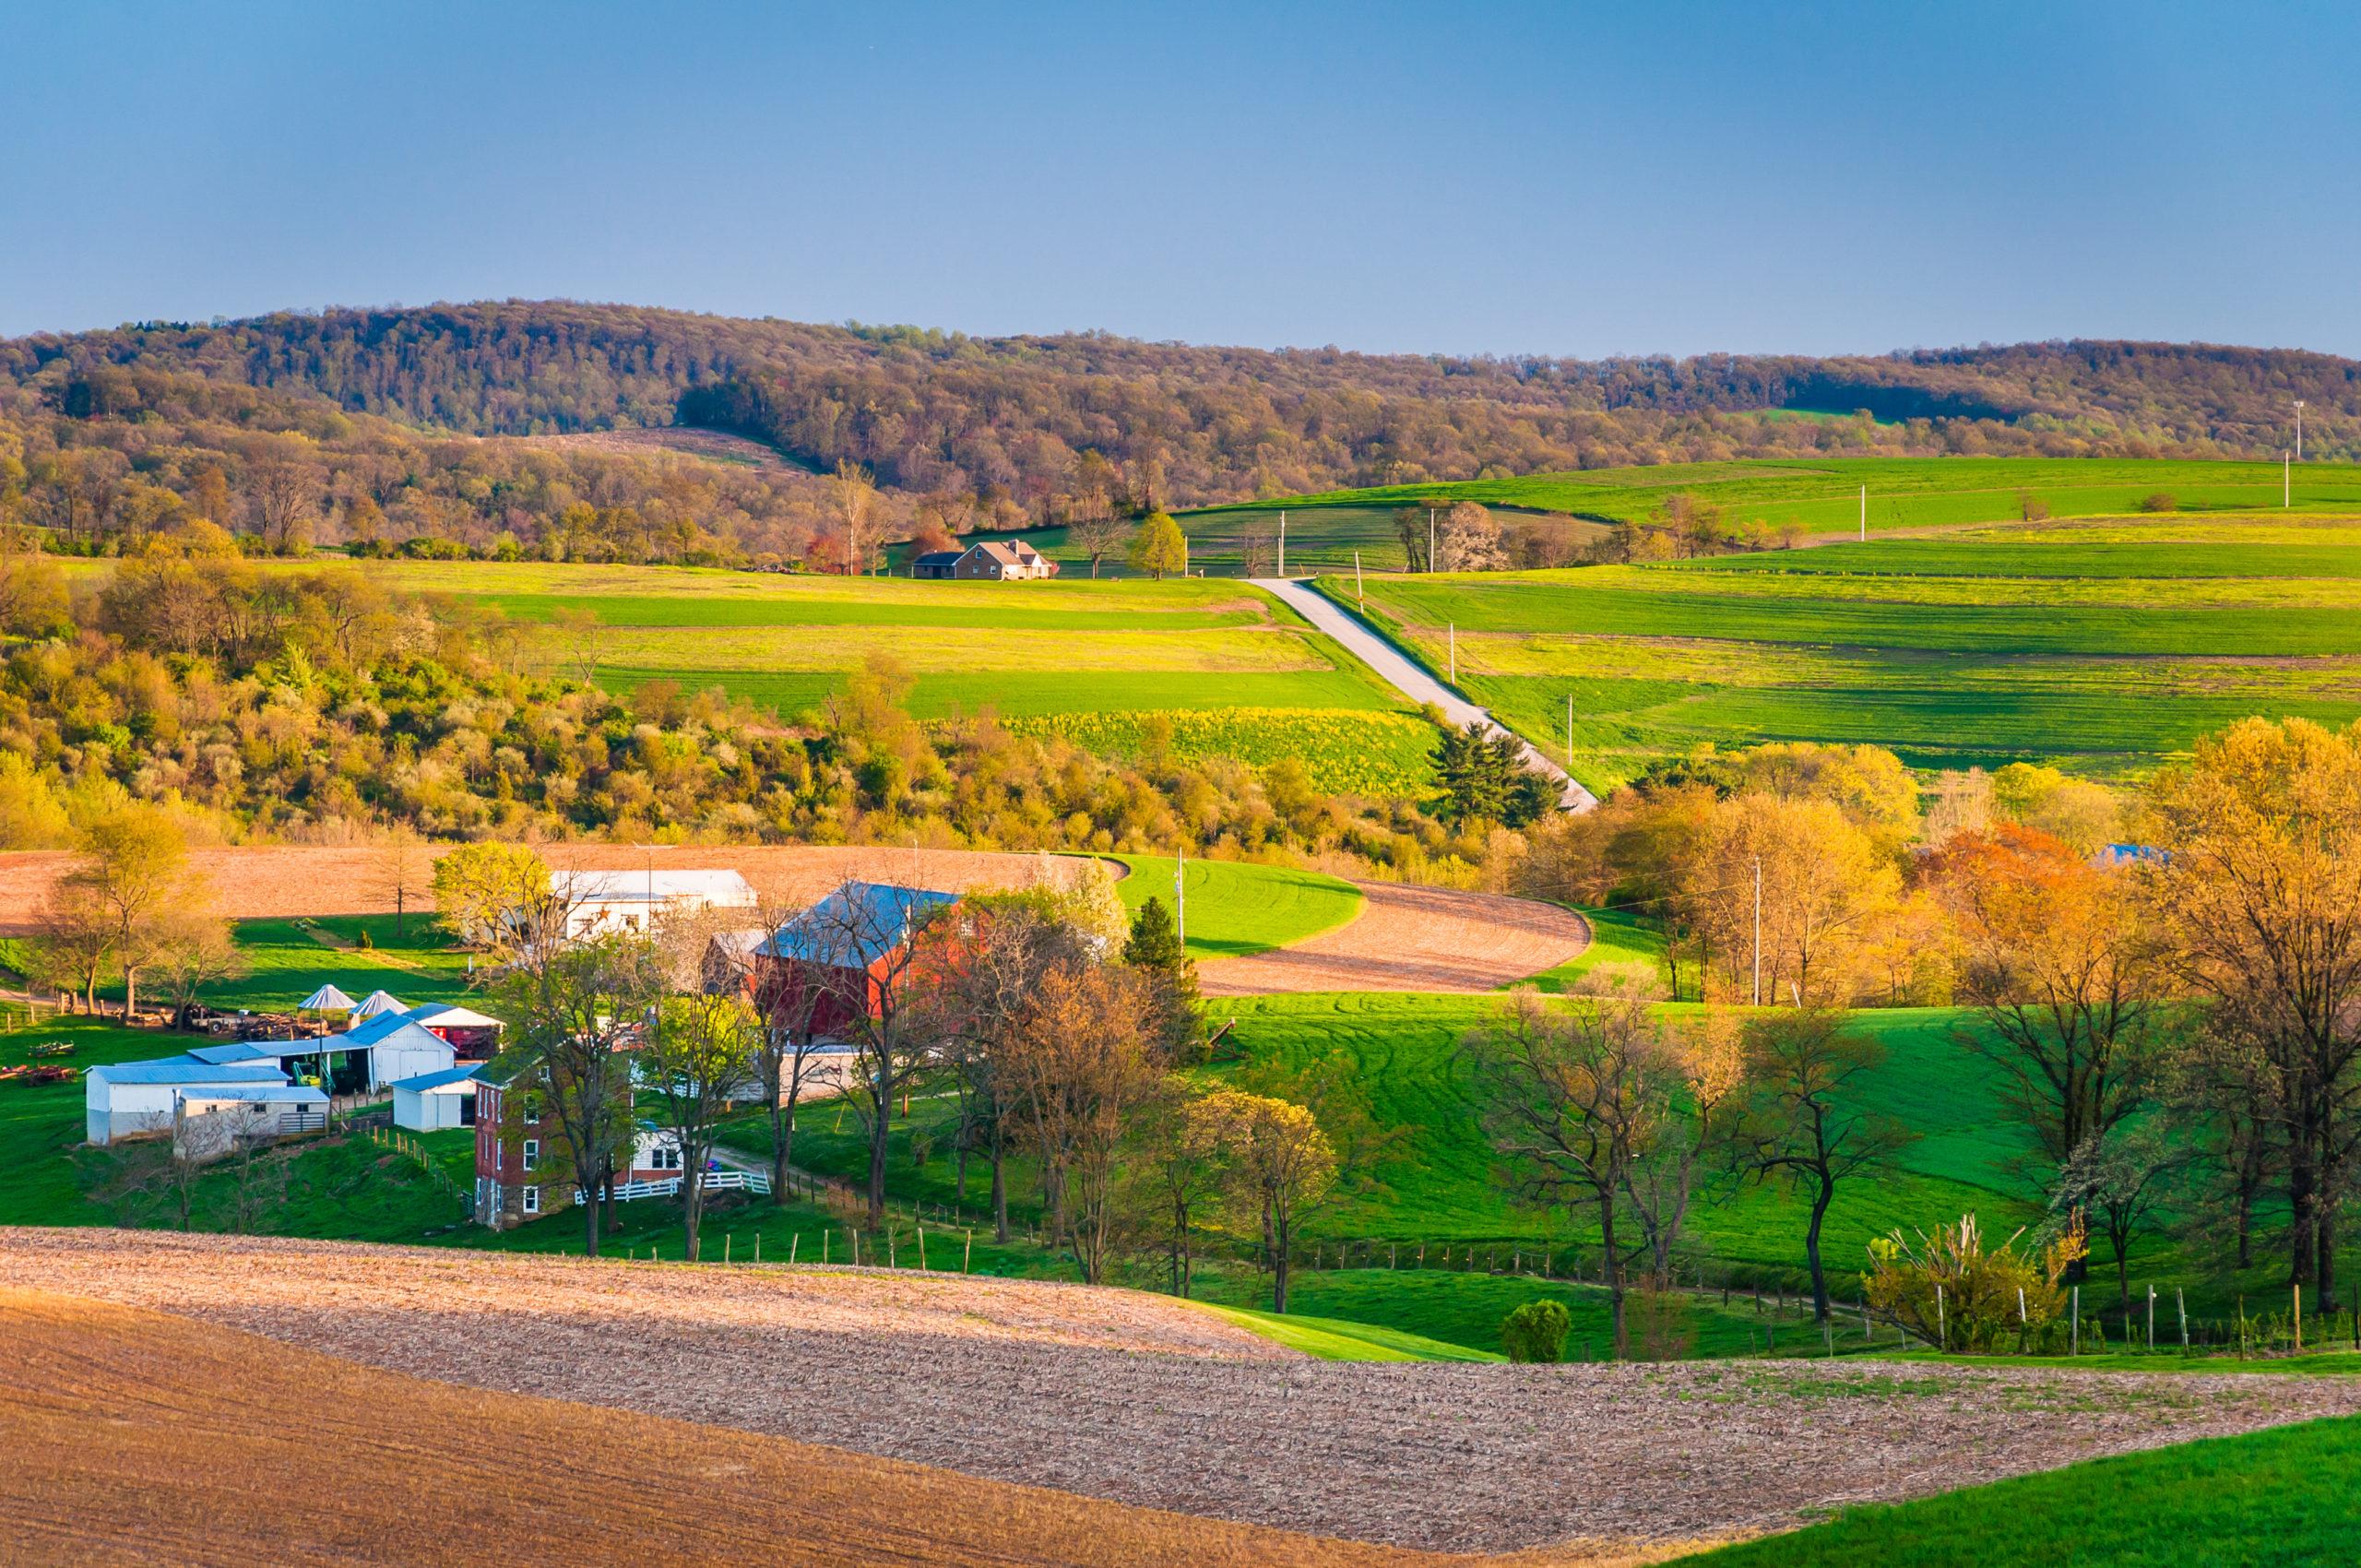 ペンシルベニア州ヨーク郡の農村の農地となだらかな丘の眺め